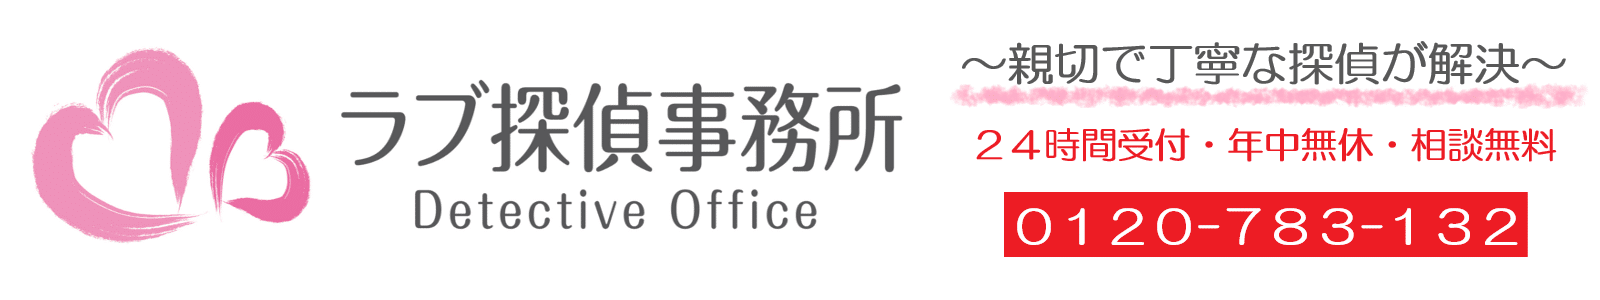 【千葉県定額】浮気調査が安いラブ探偵事務所